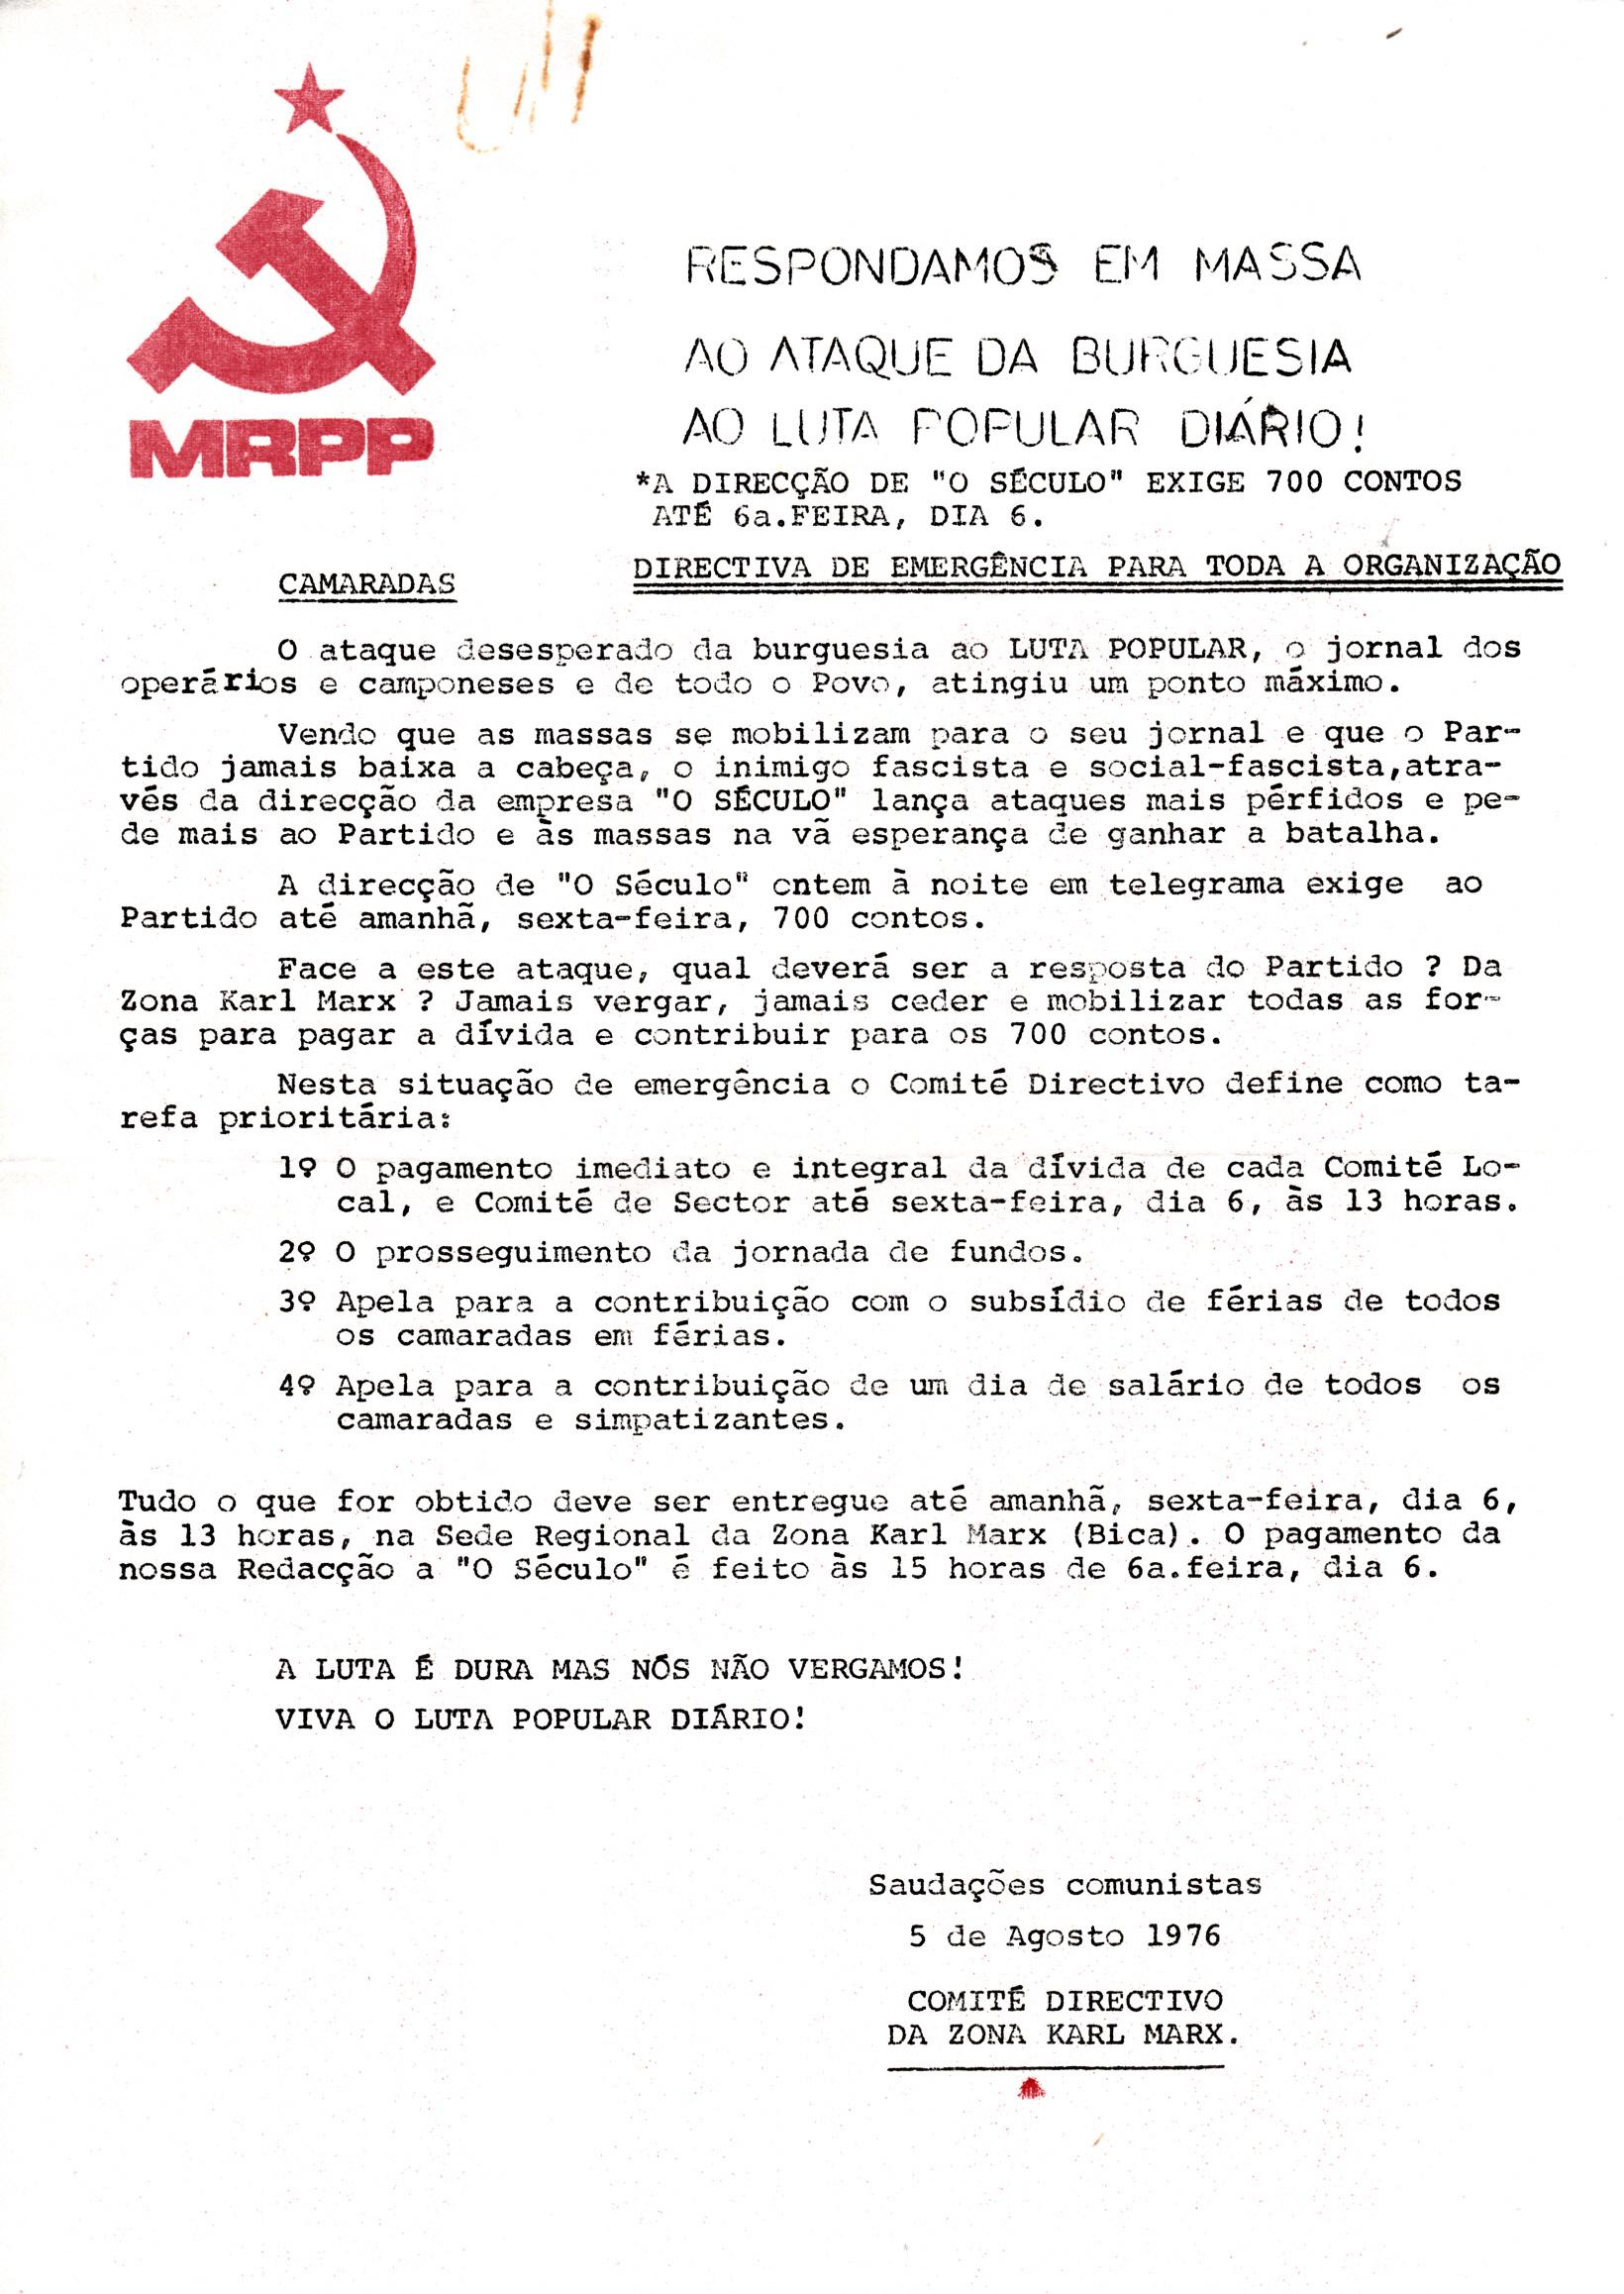 MRPP_1976_08_05